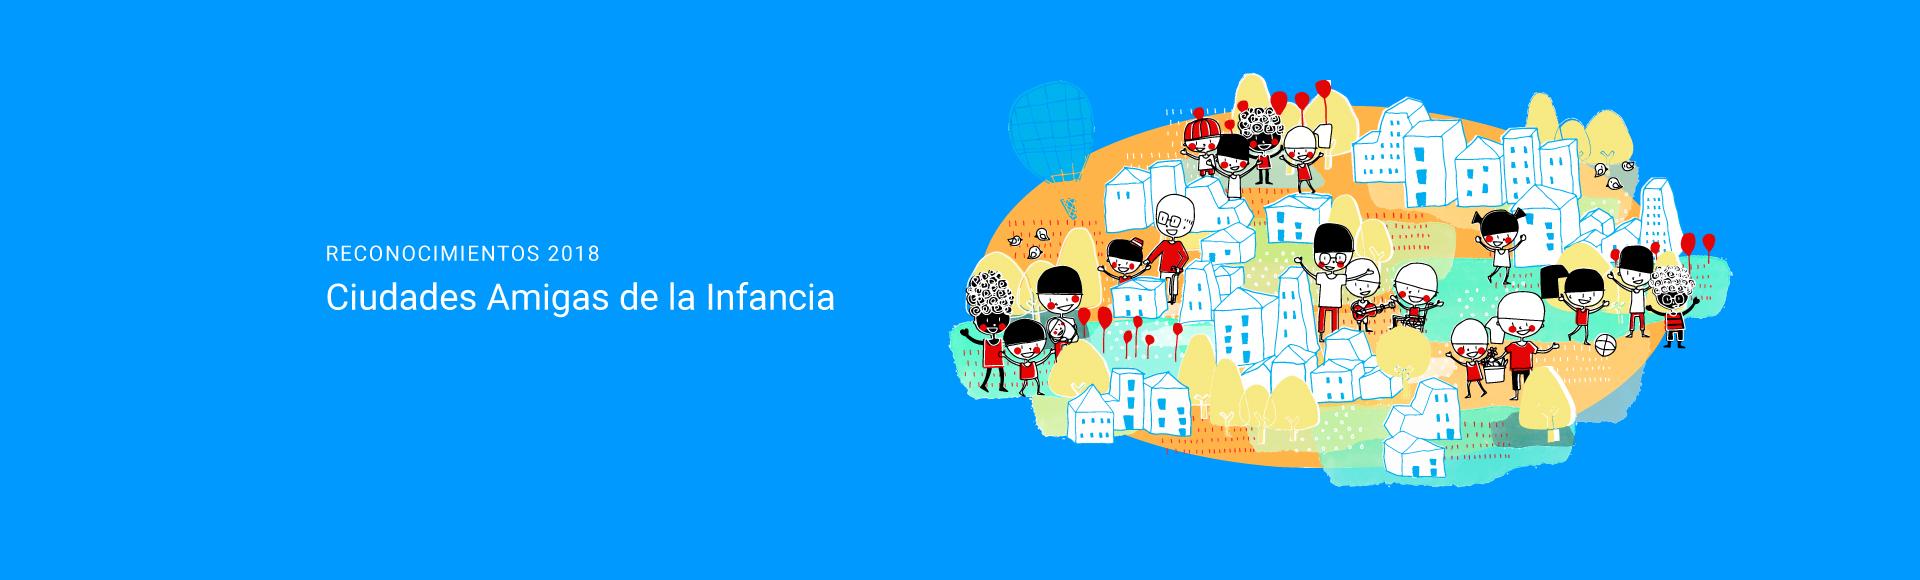 Llegamos a más de 3 millones de niños, niñas y adolescentes que viven en España